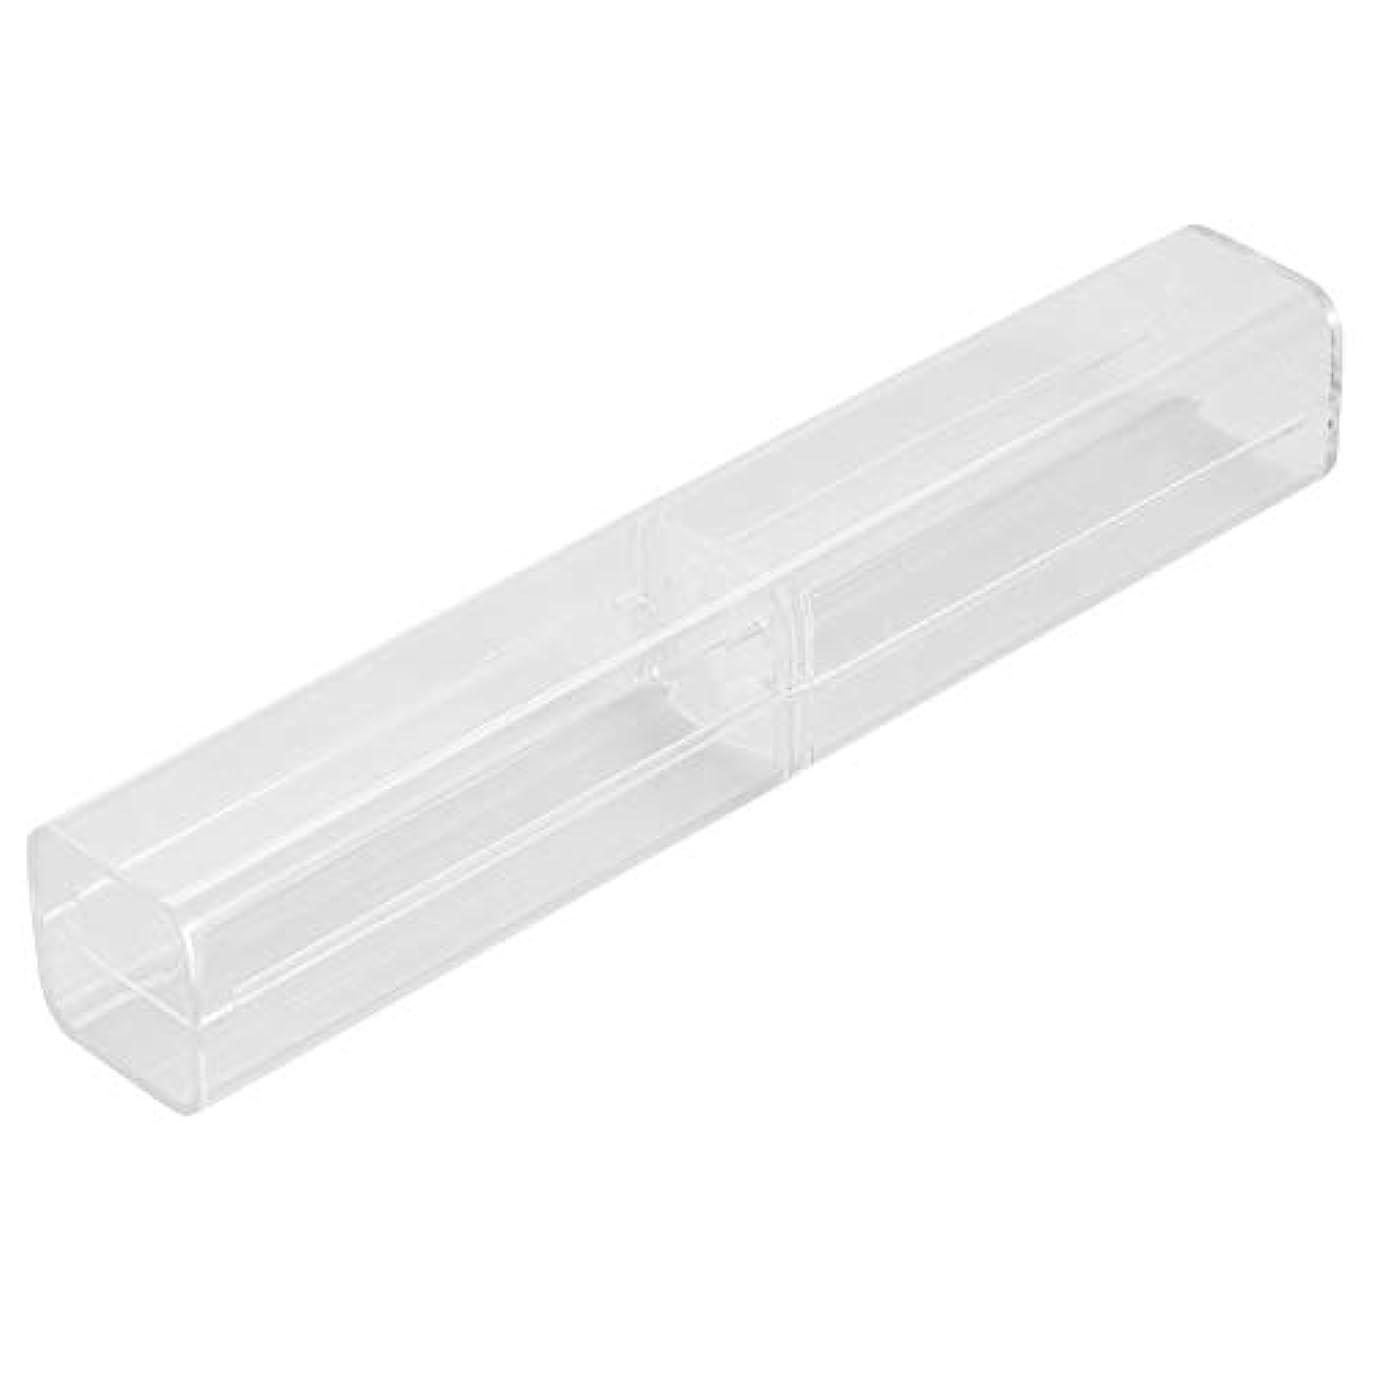 ドーム裁定更新する1ピース収納ボックス - 手動ペン眉毛タトゥークリアケース透明収納ボックス、収納ボックス - タトゥーコンテナ